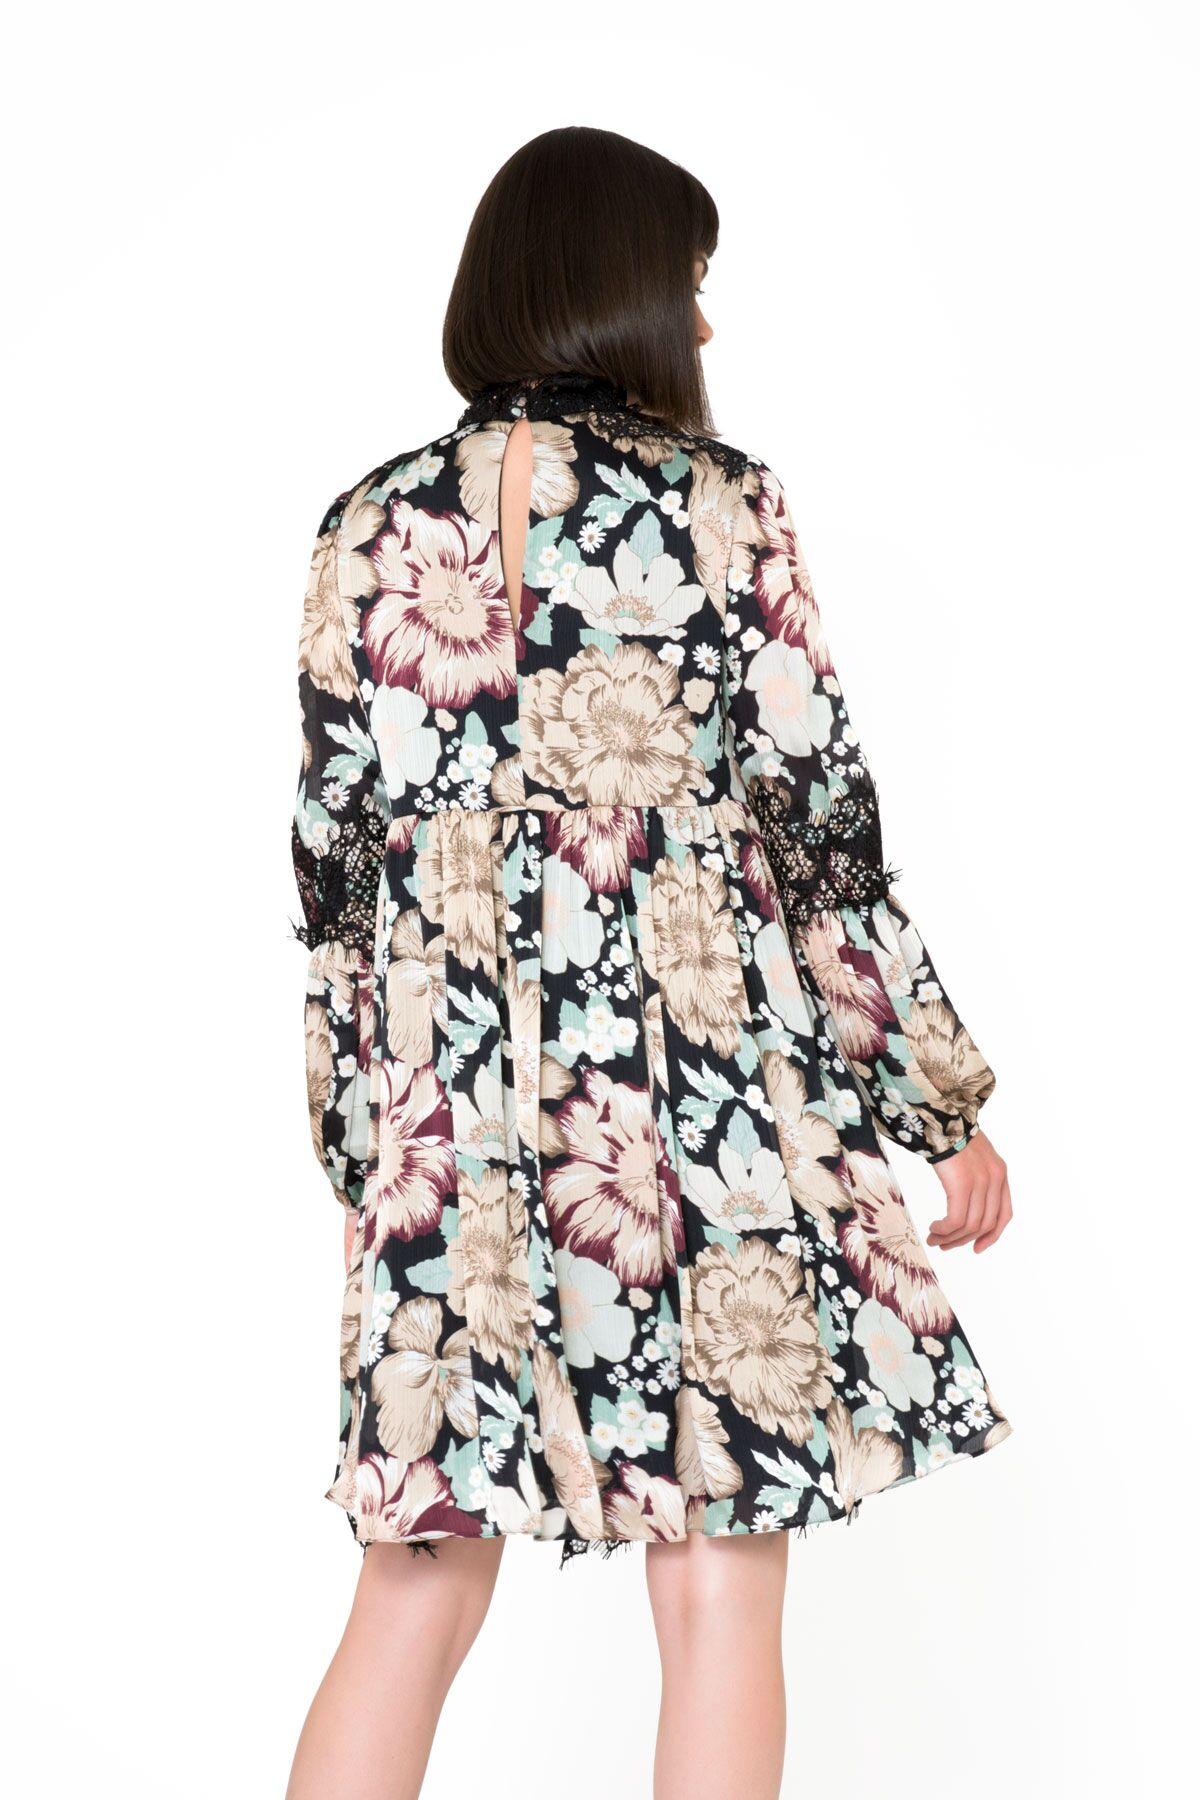 Dantel Detaylı Çiçek Desenli Midi Elbise